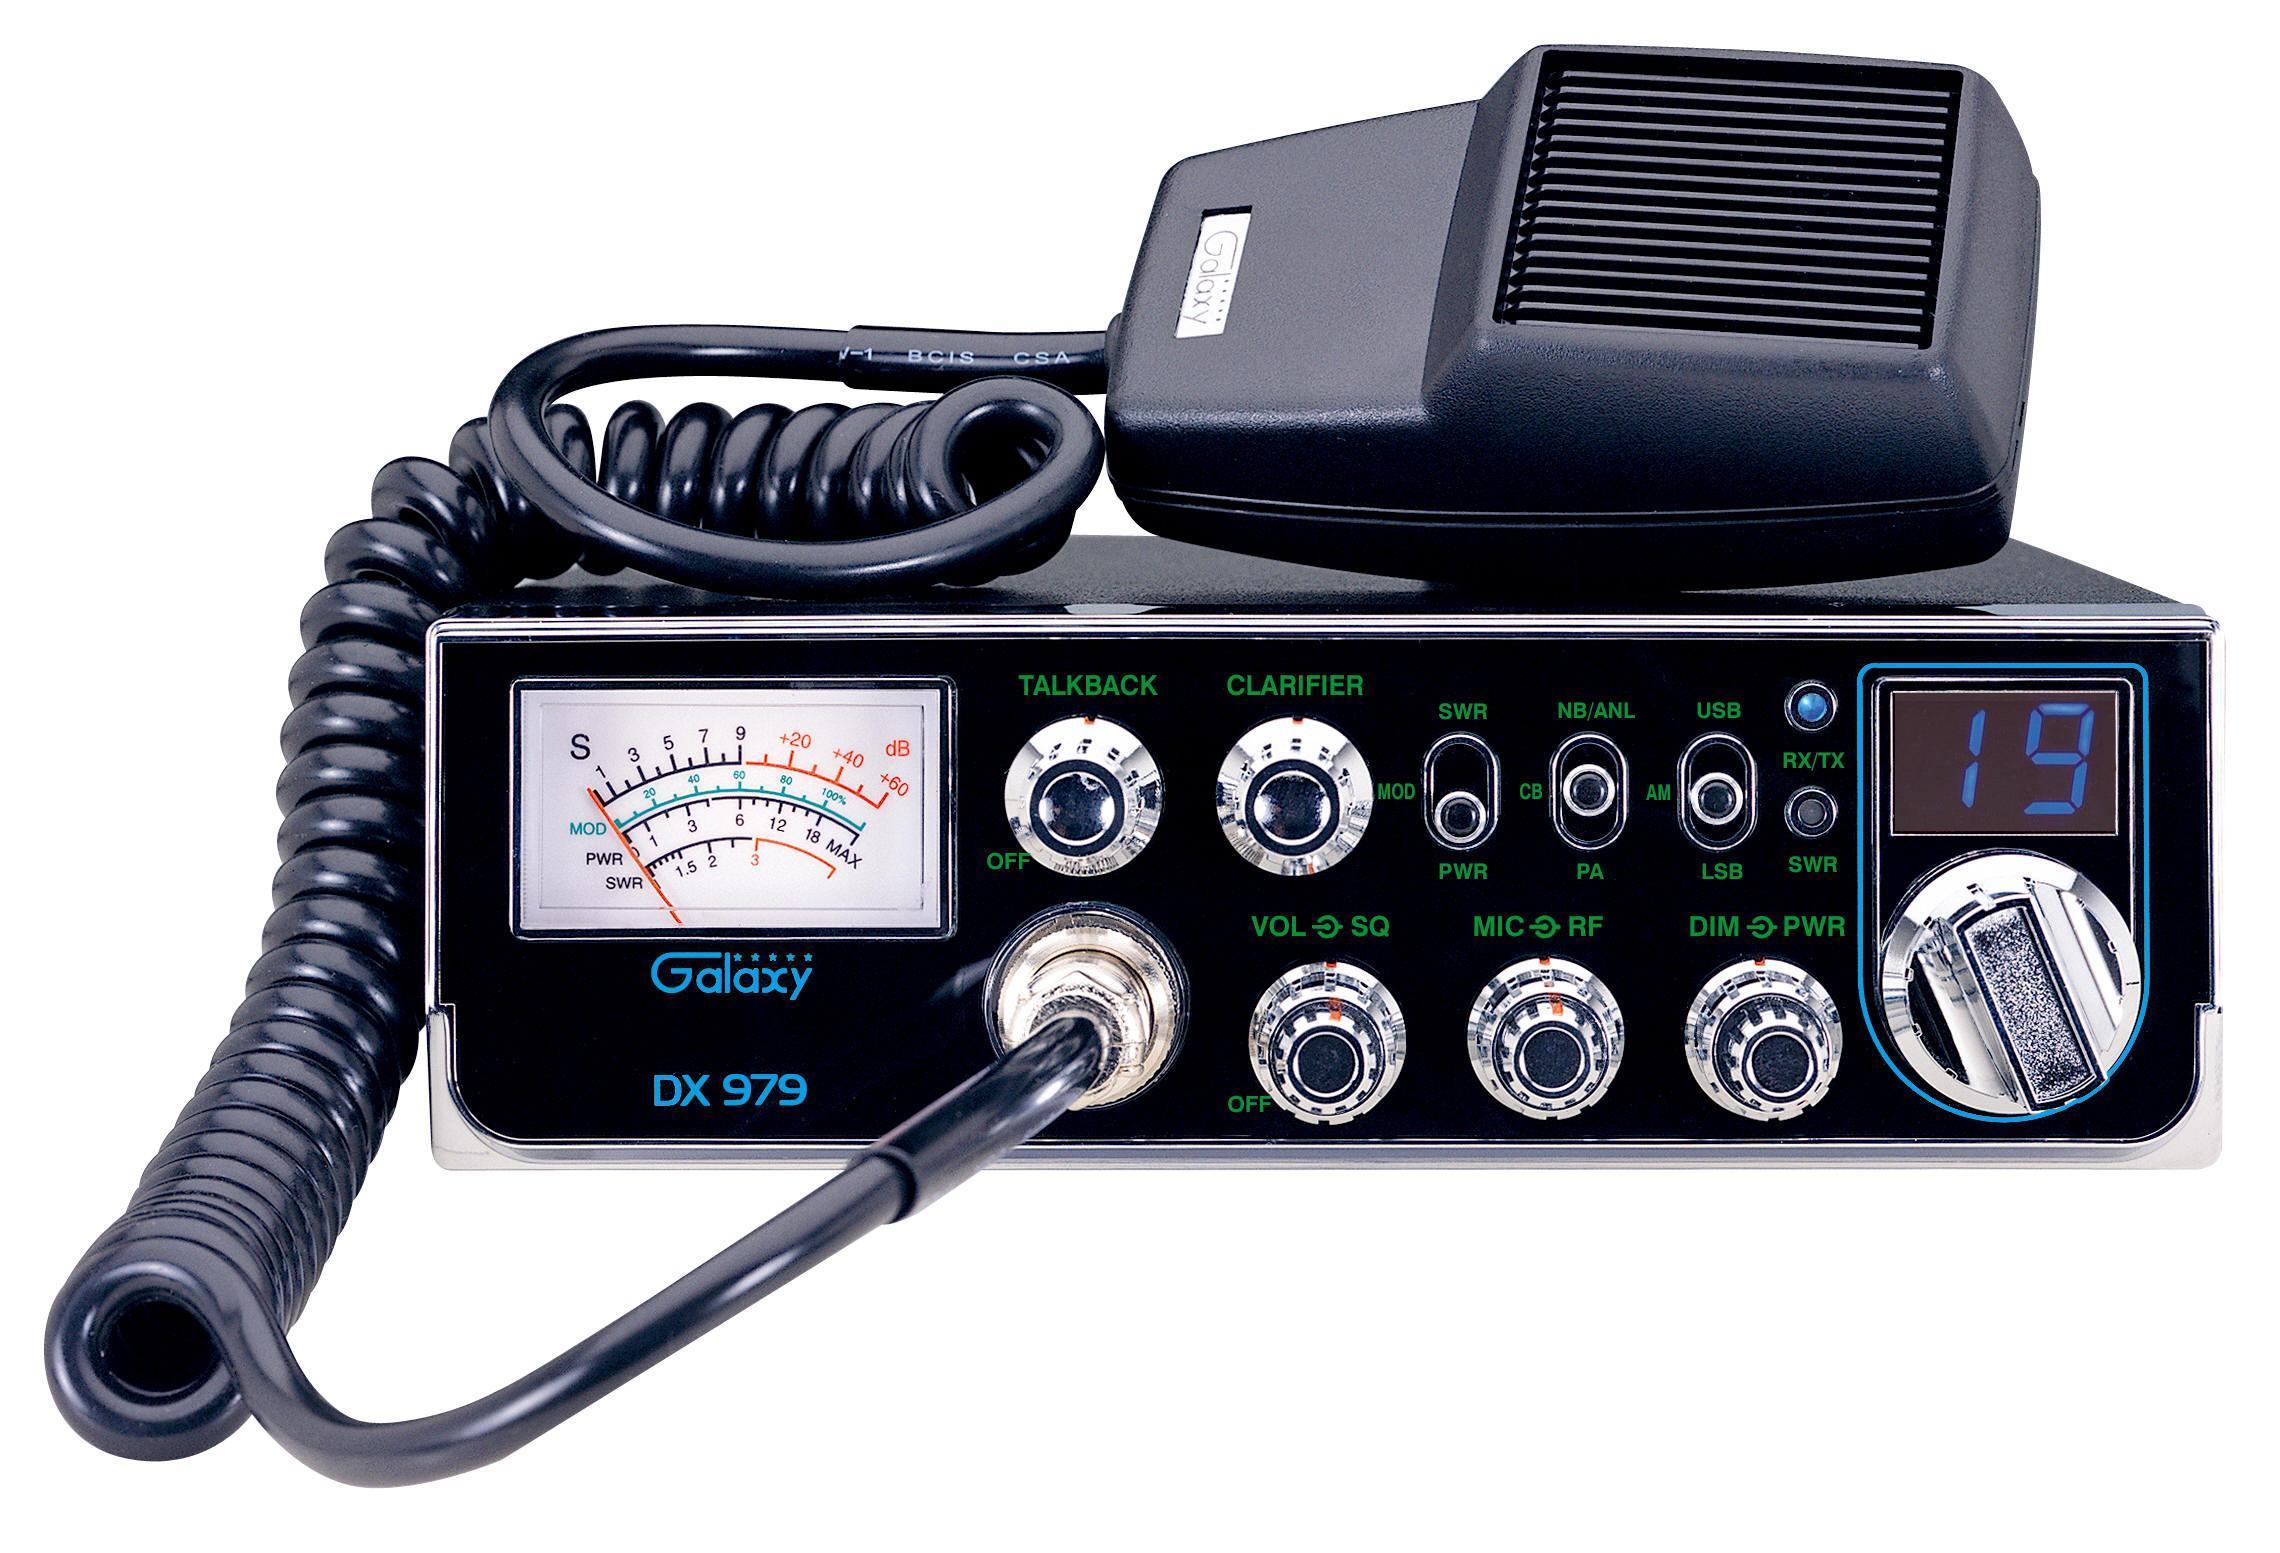 Cb Radio: Galaxy Cb Radios New DX959B March 2015